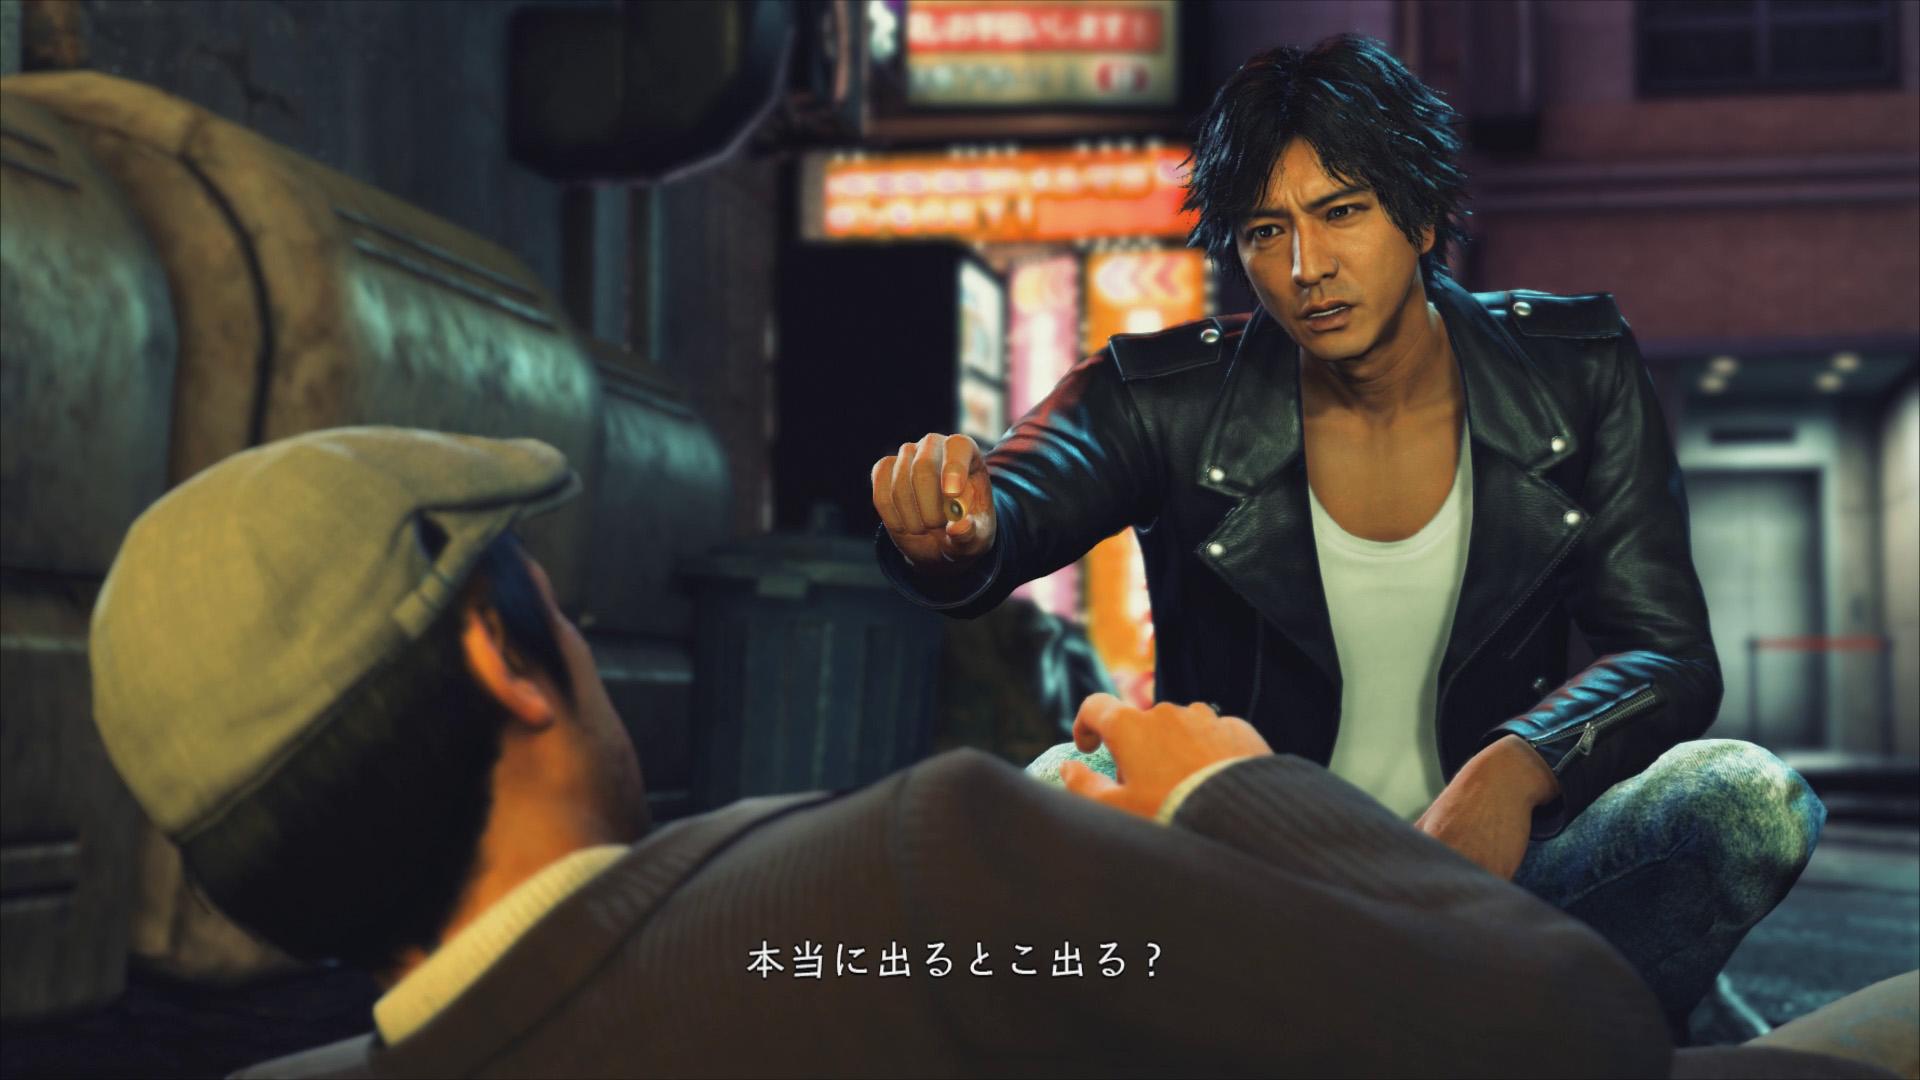 Judgment: Game spin-off Yakuza dari Sega yang seru banget